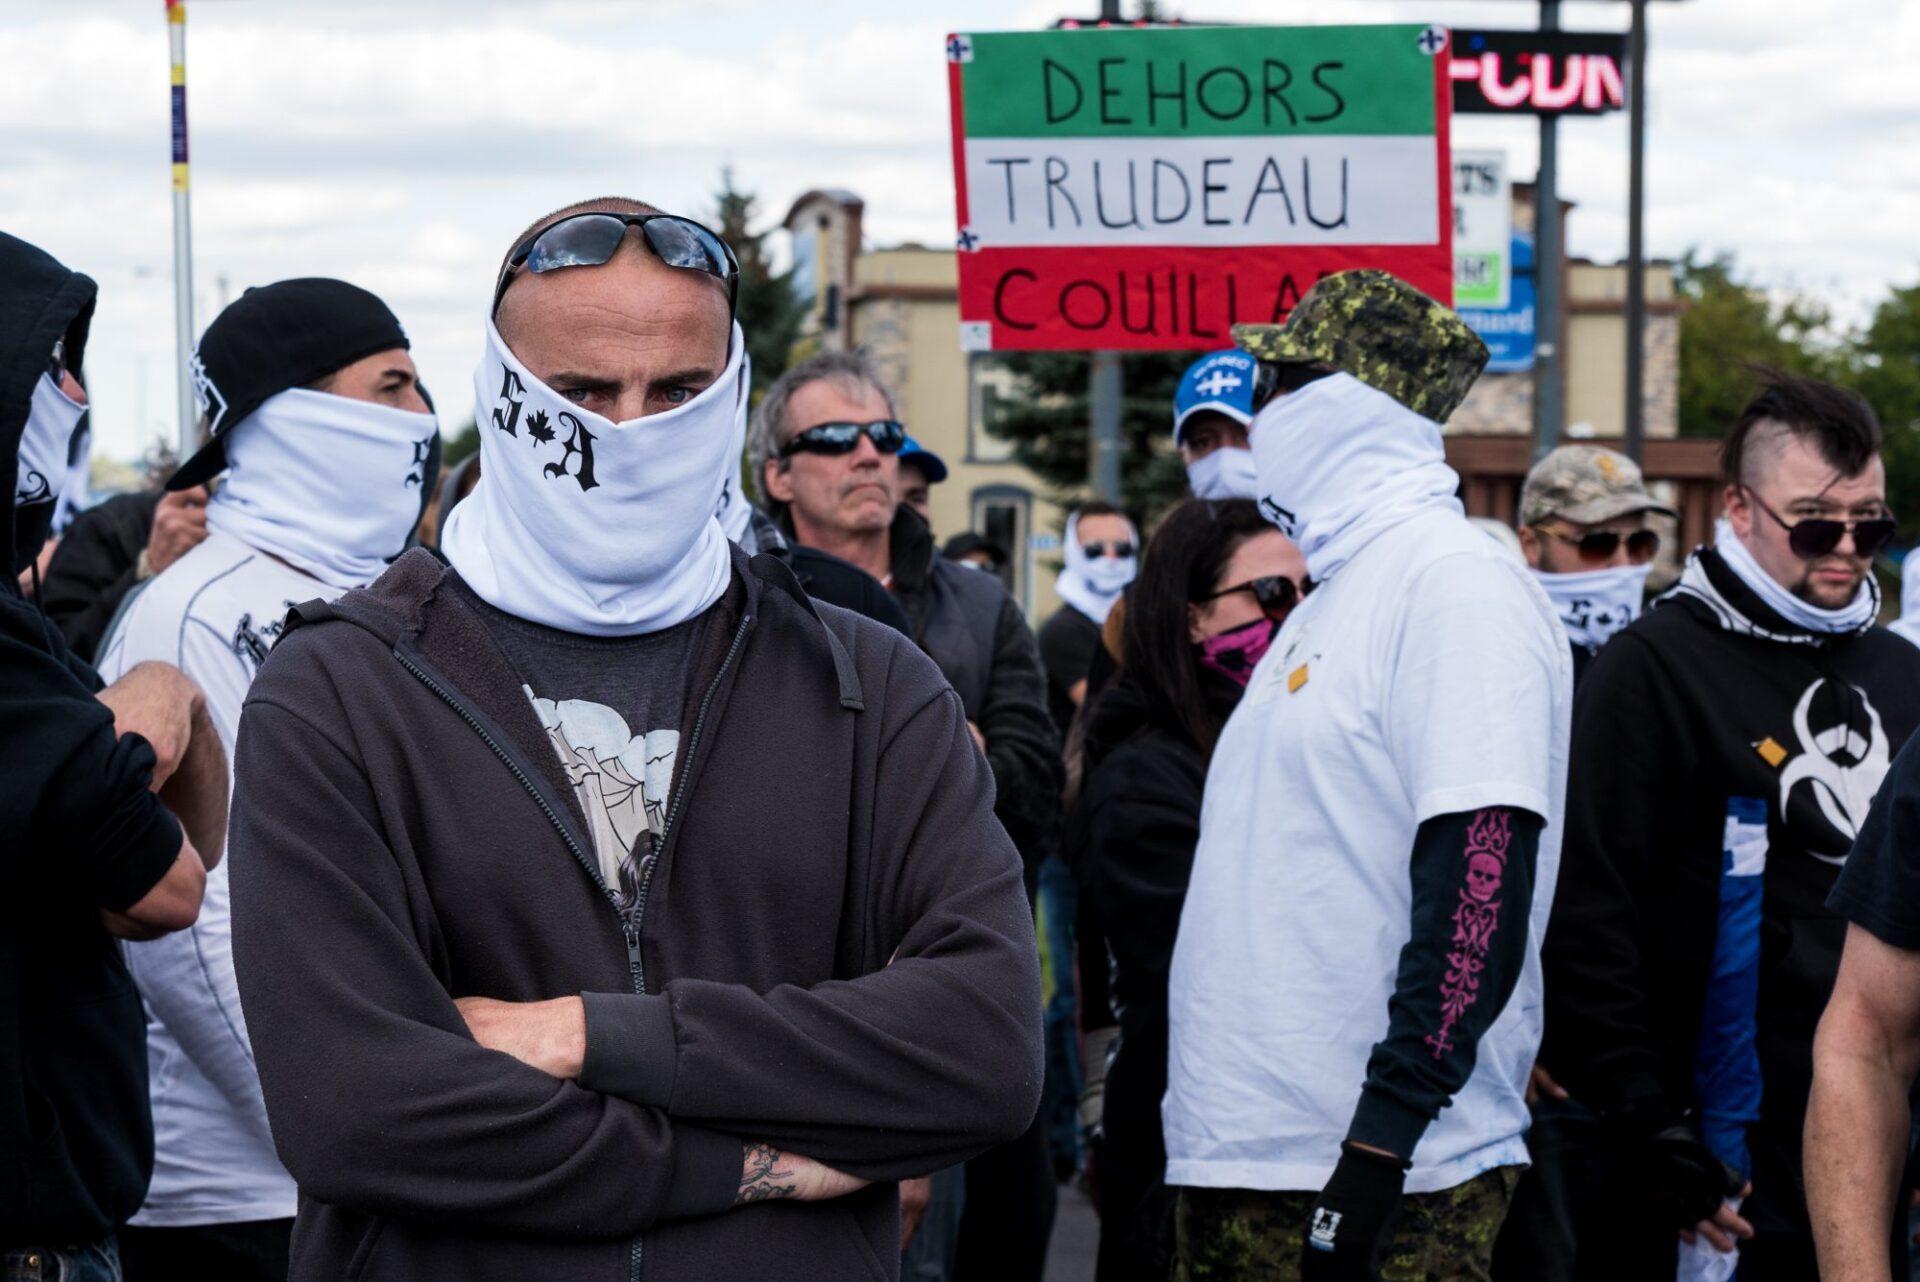 Un service d'ordre d'une cinquantaine de personnes occupait la tête de la manifestation de Storm Alliance | Photo: Martin Ouellet-Diotte  Montréal Campus